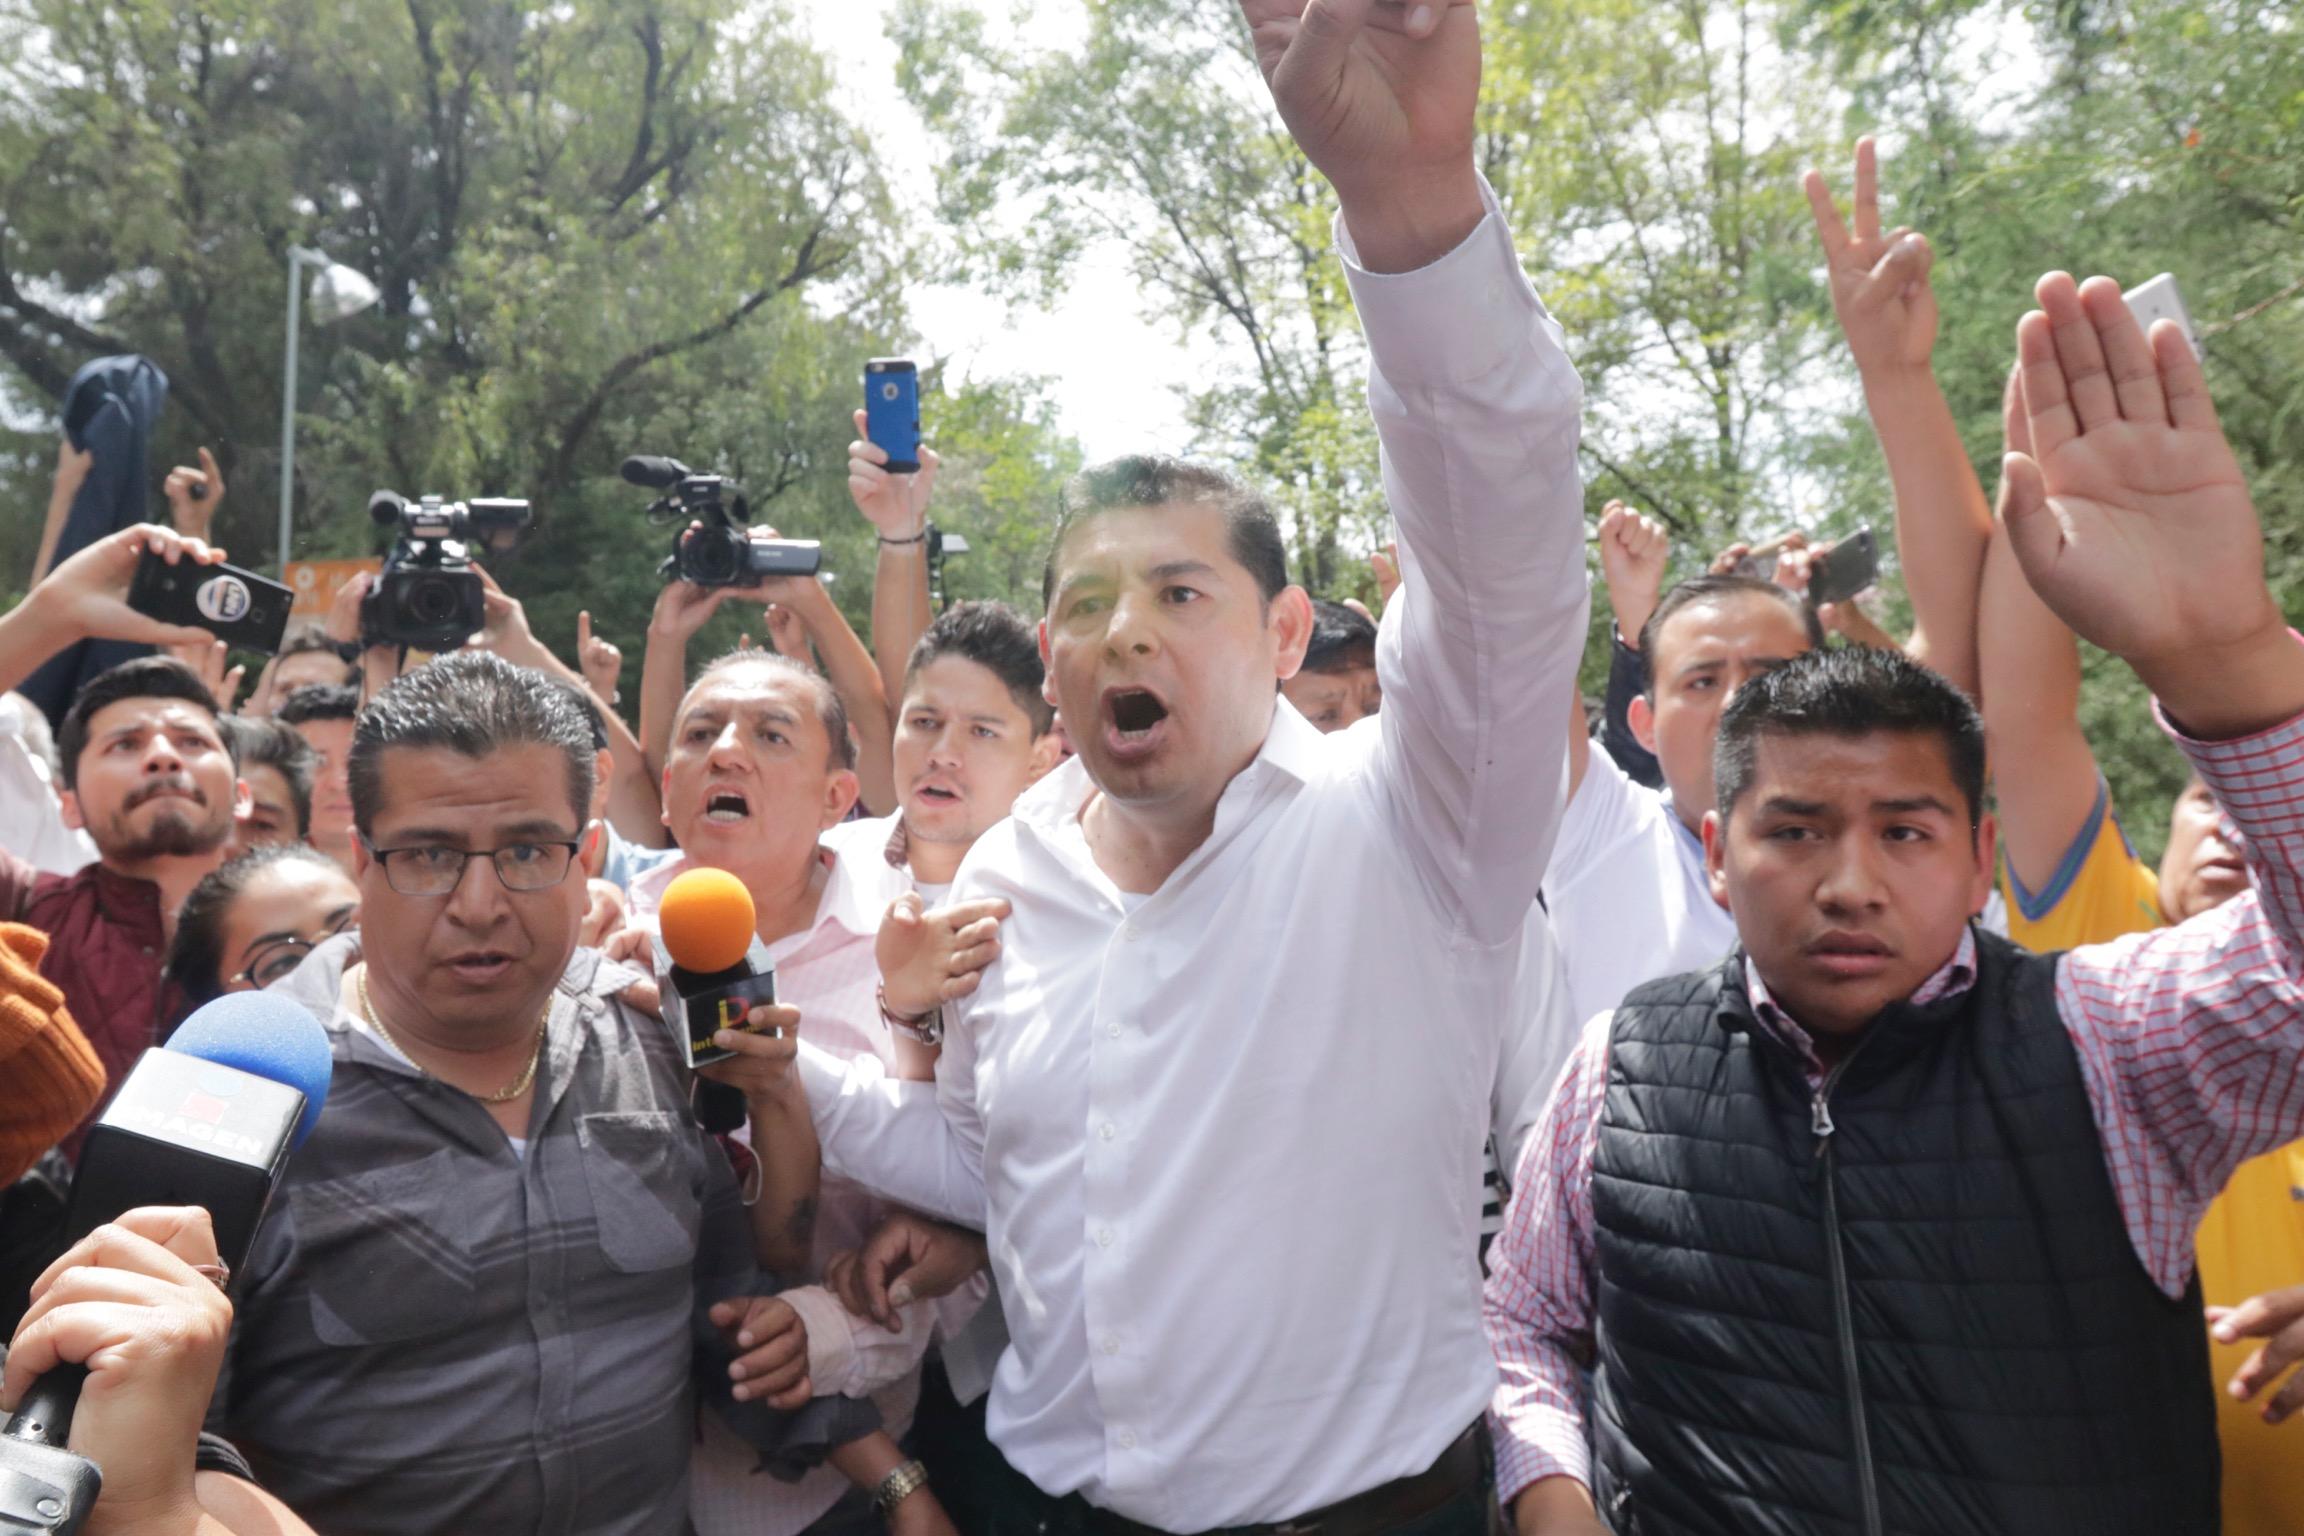 Ordenan detener a senadores y líder de Morena; FGE lo niega